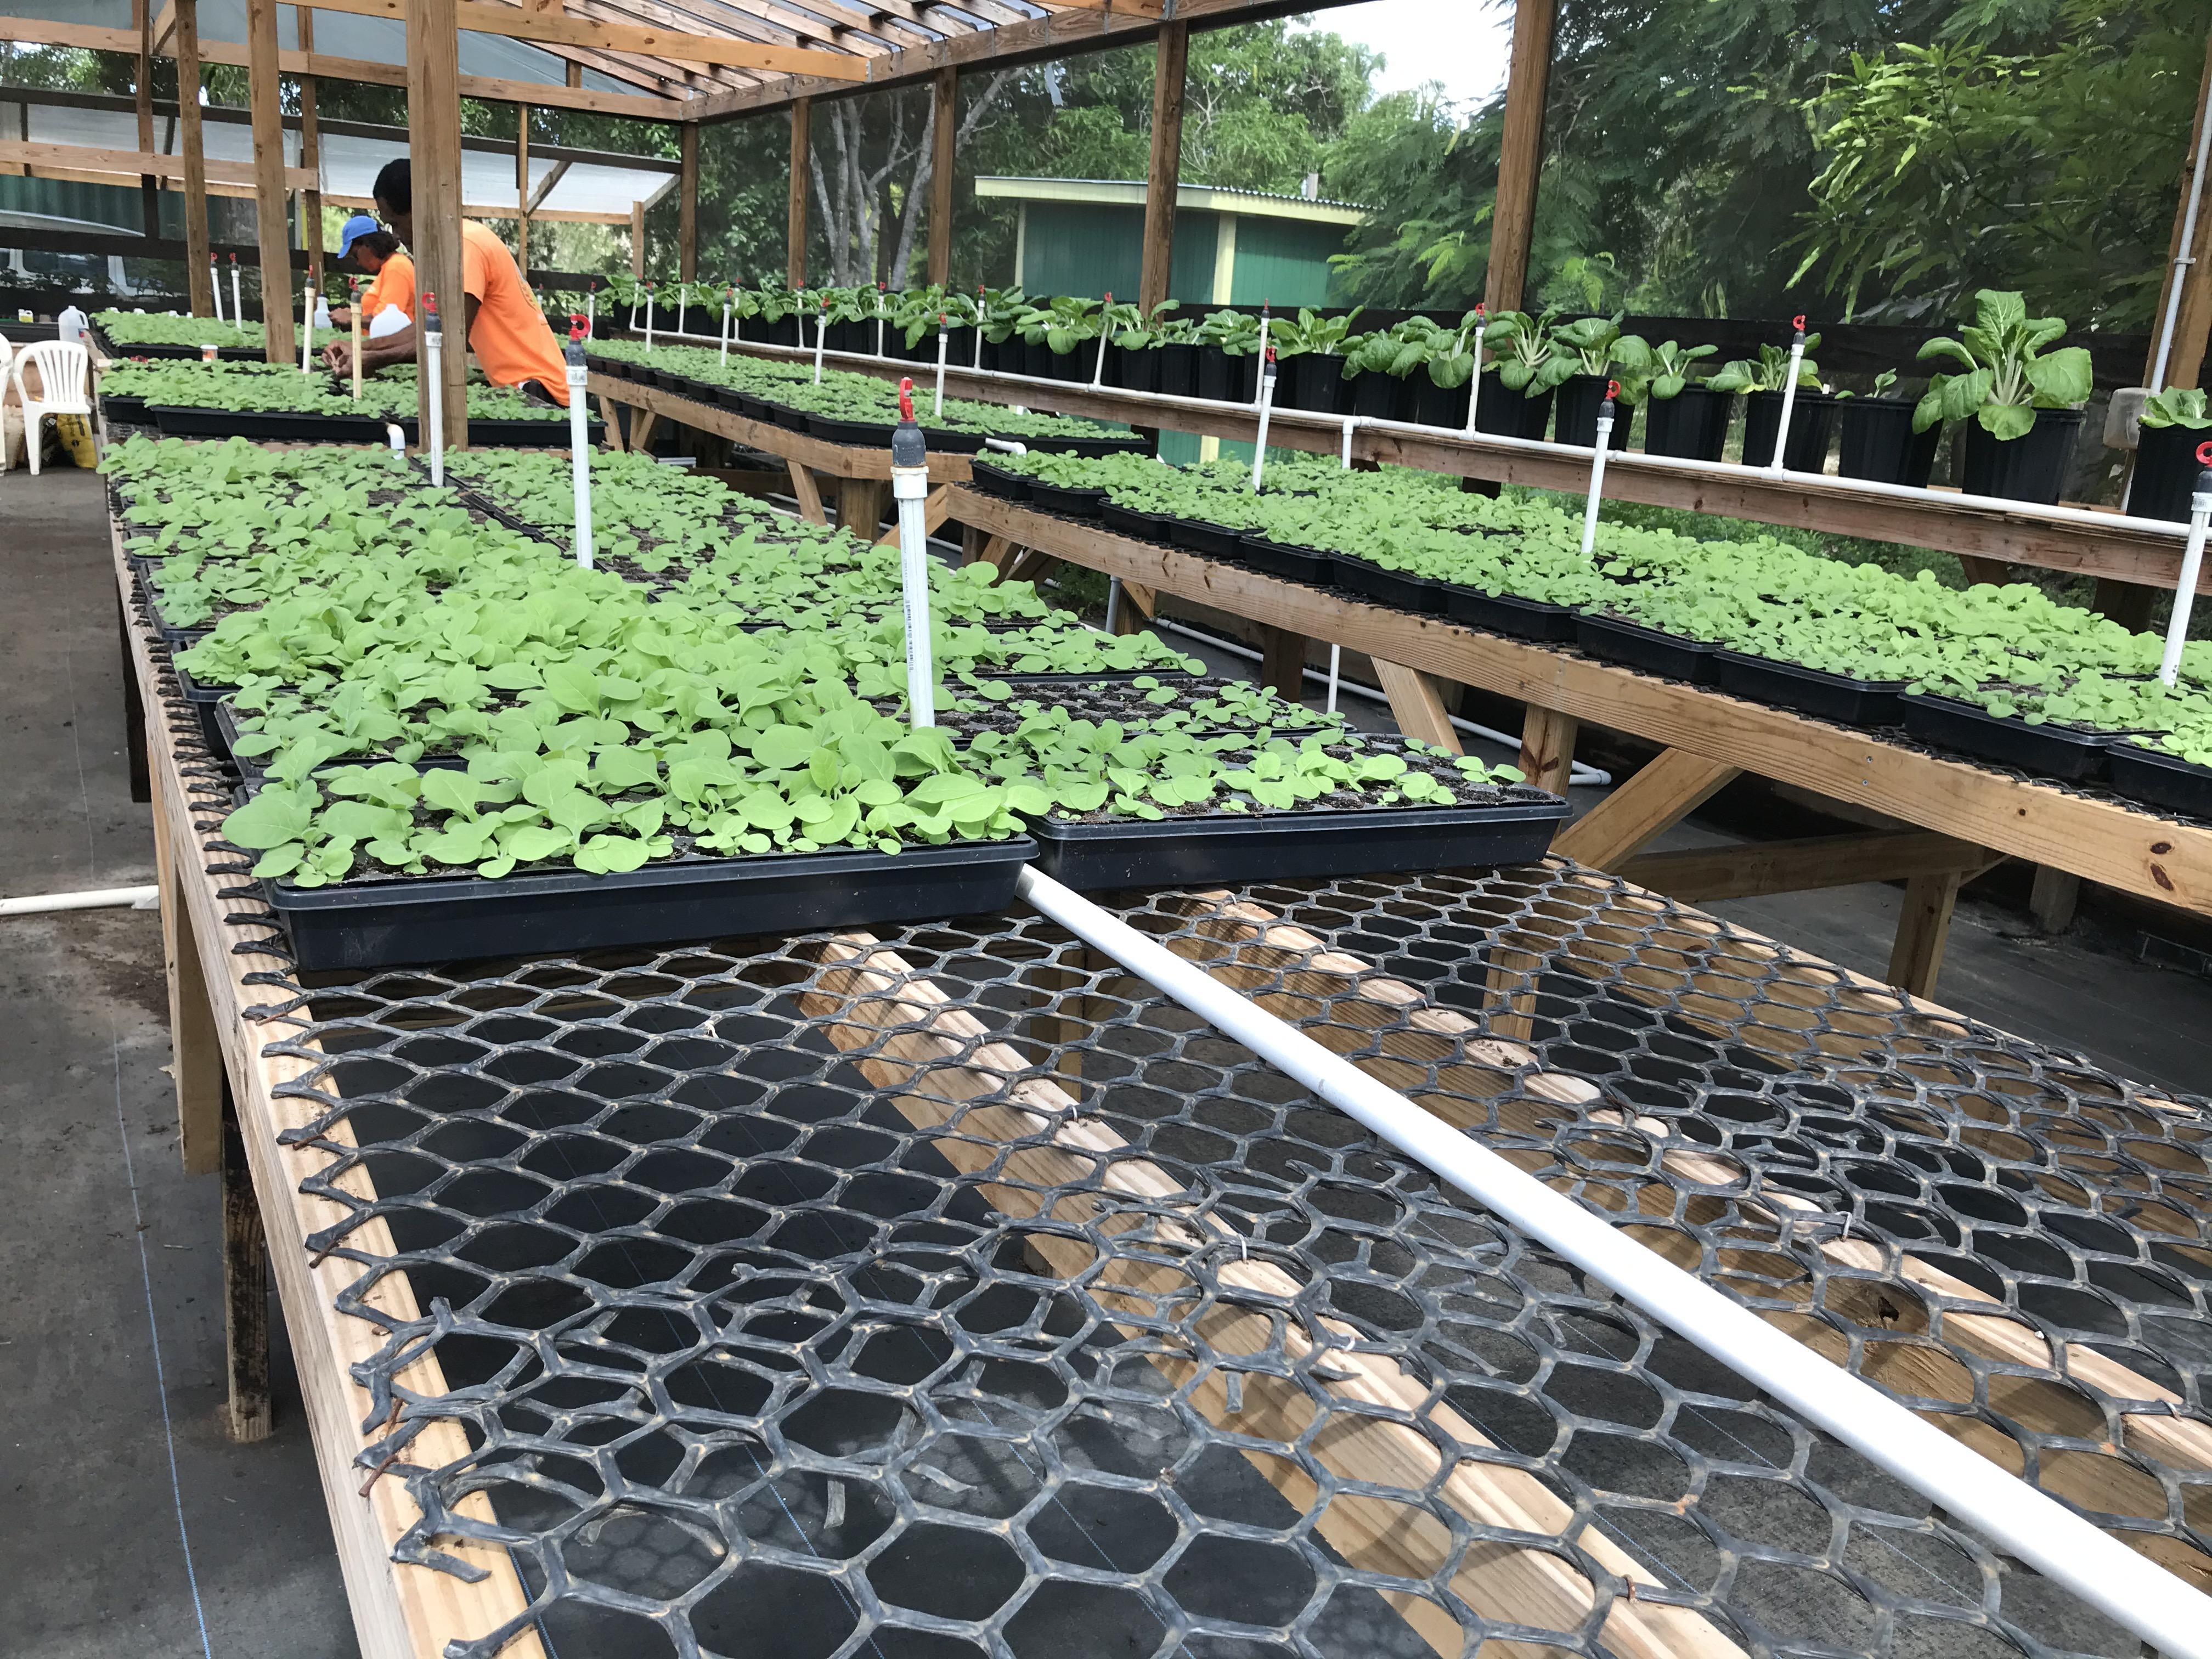 2020.10.08 - Tobacco seedlings 2